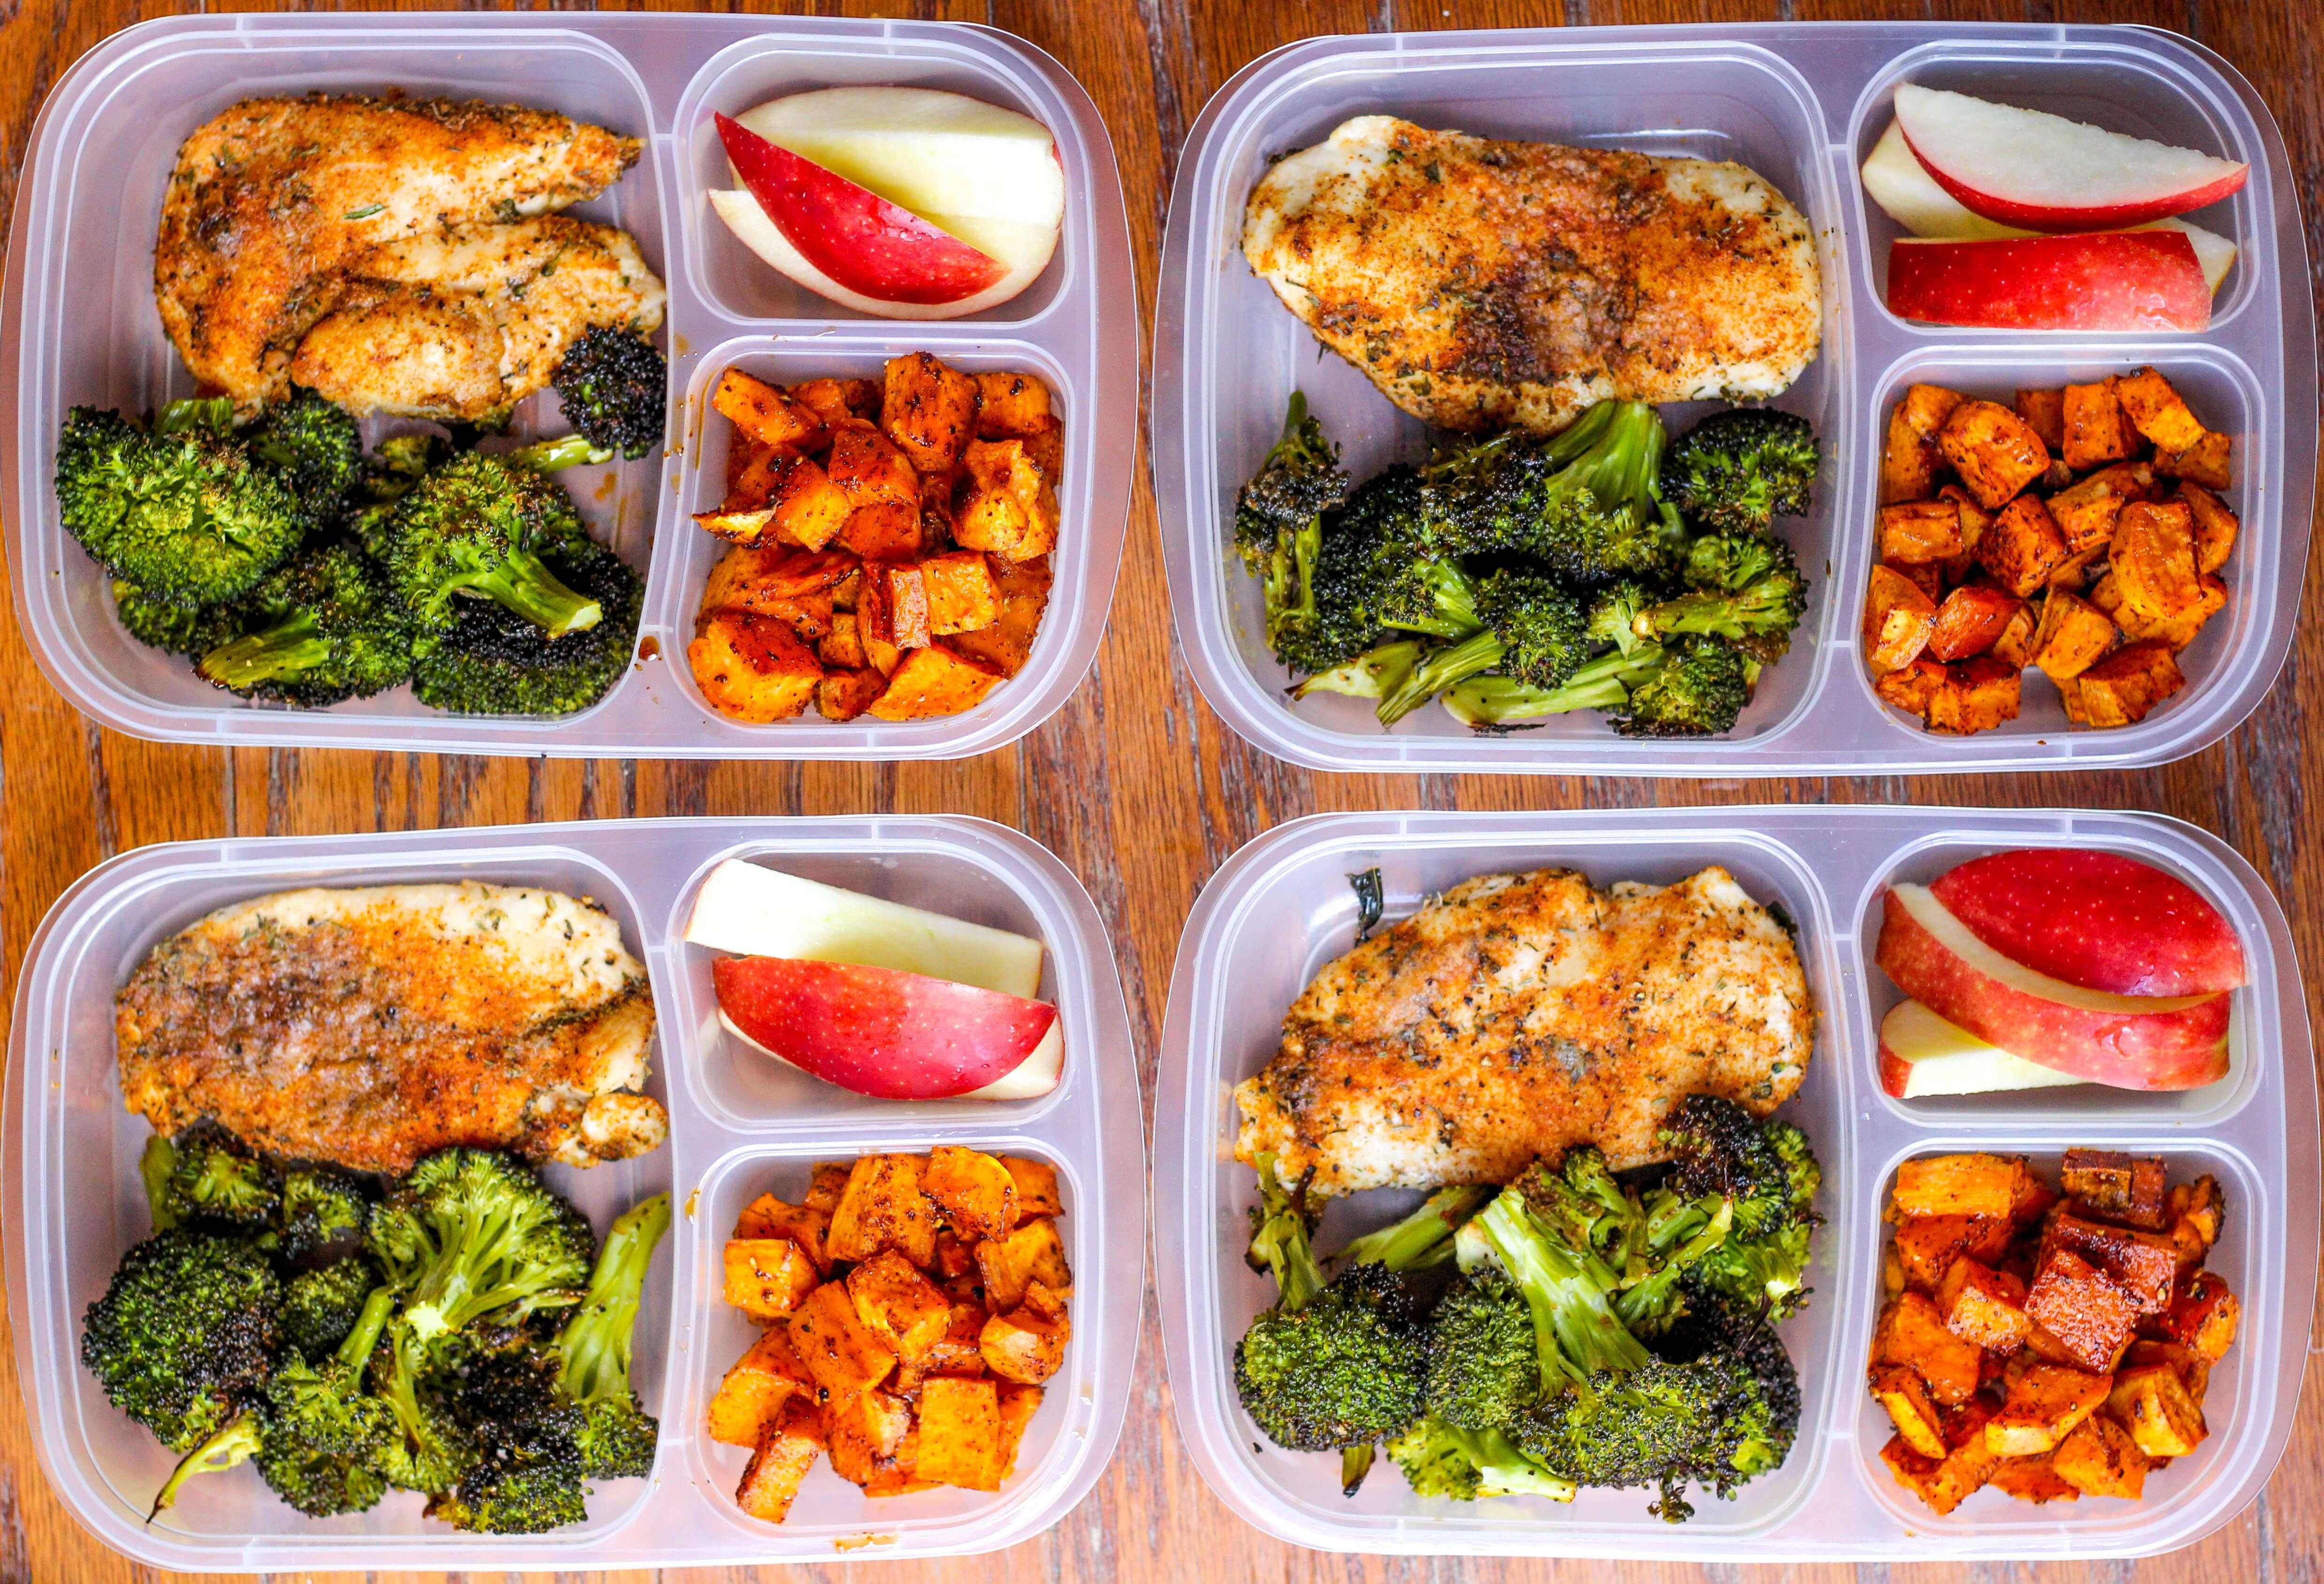 diet chicken recipes lose weight photo - 1